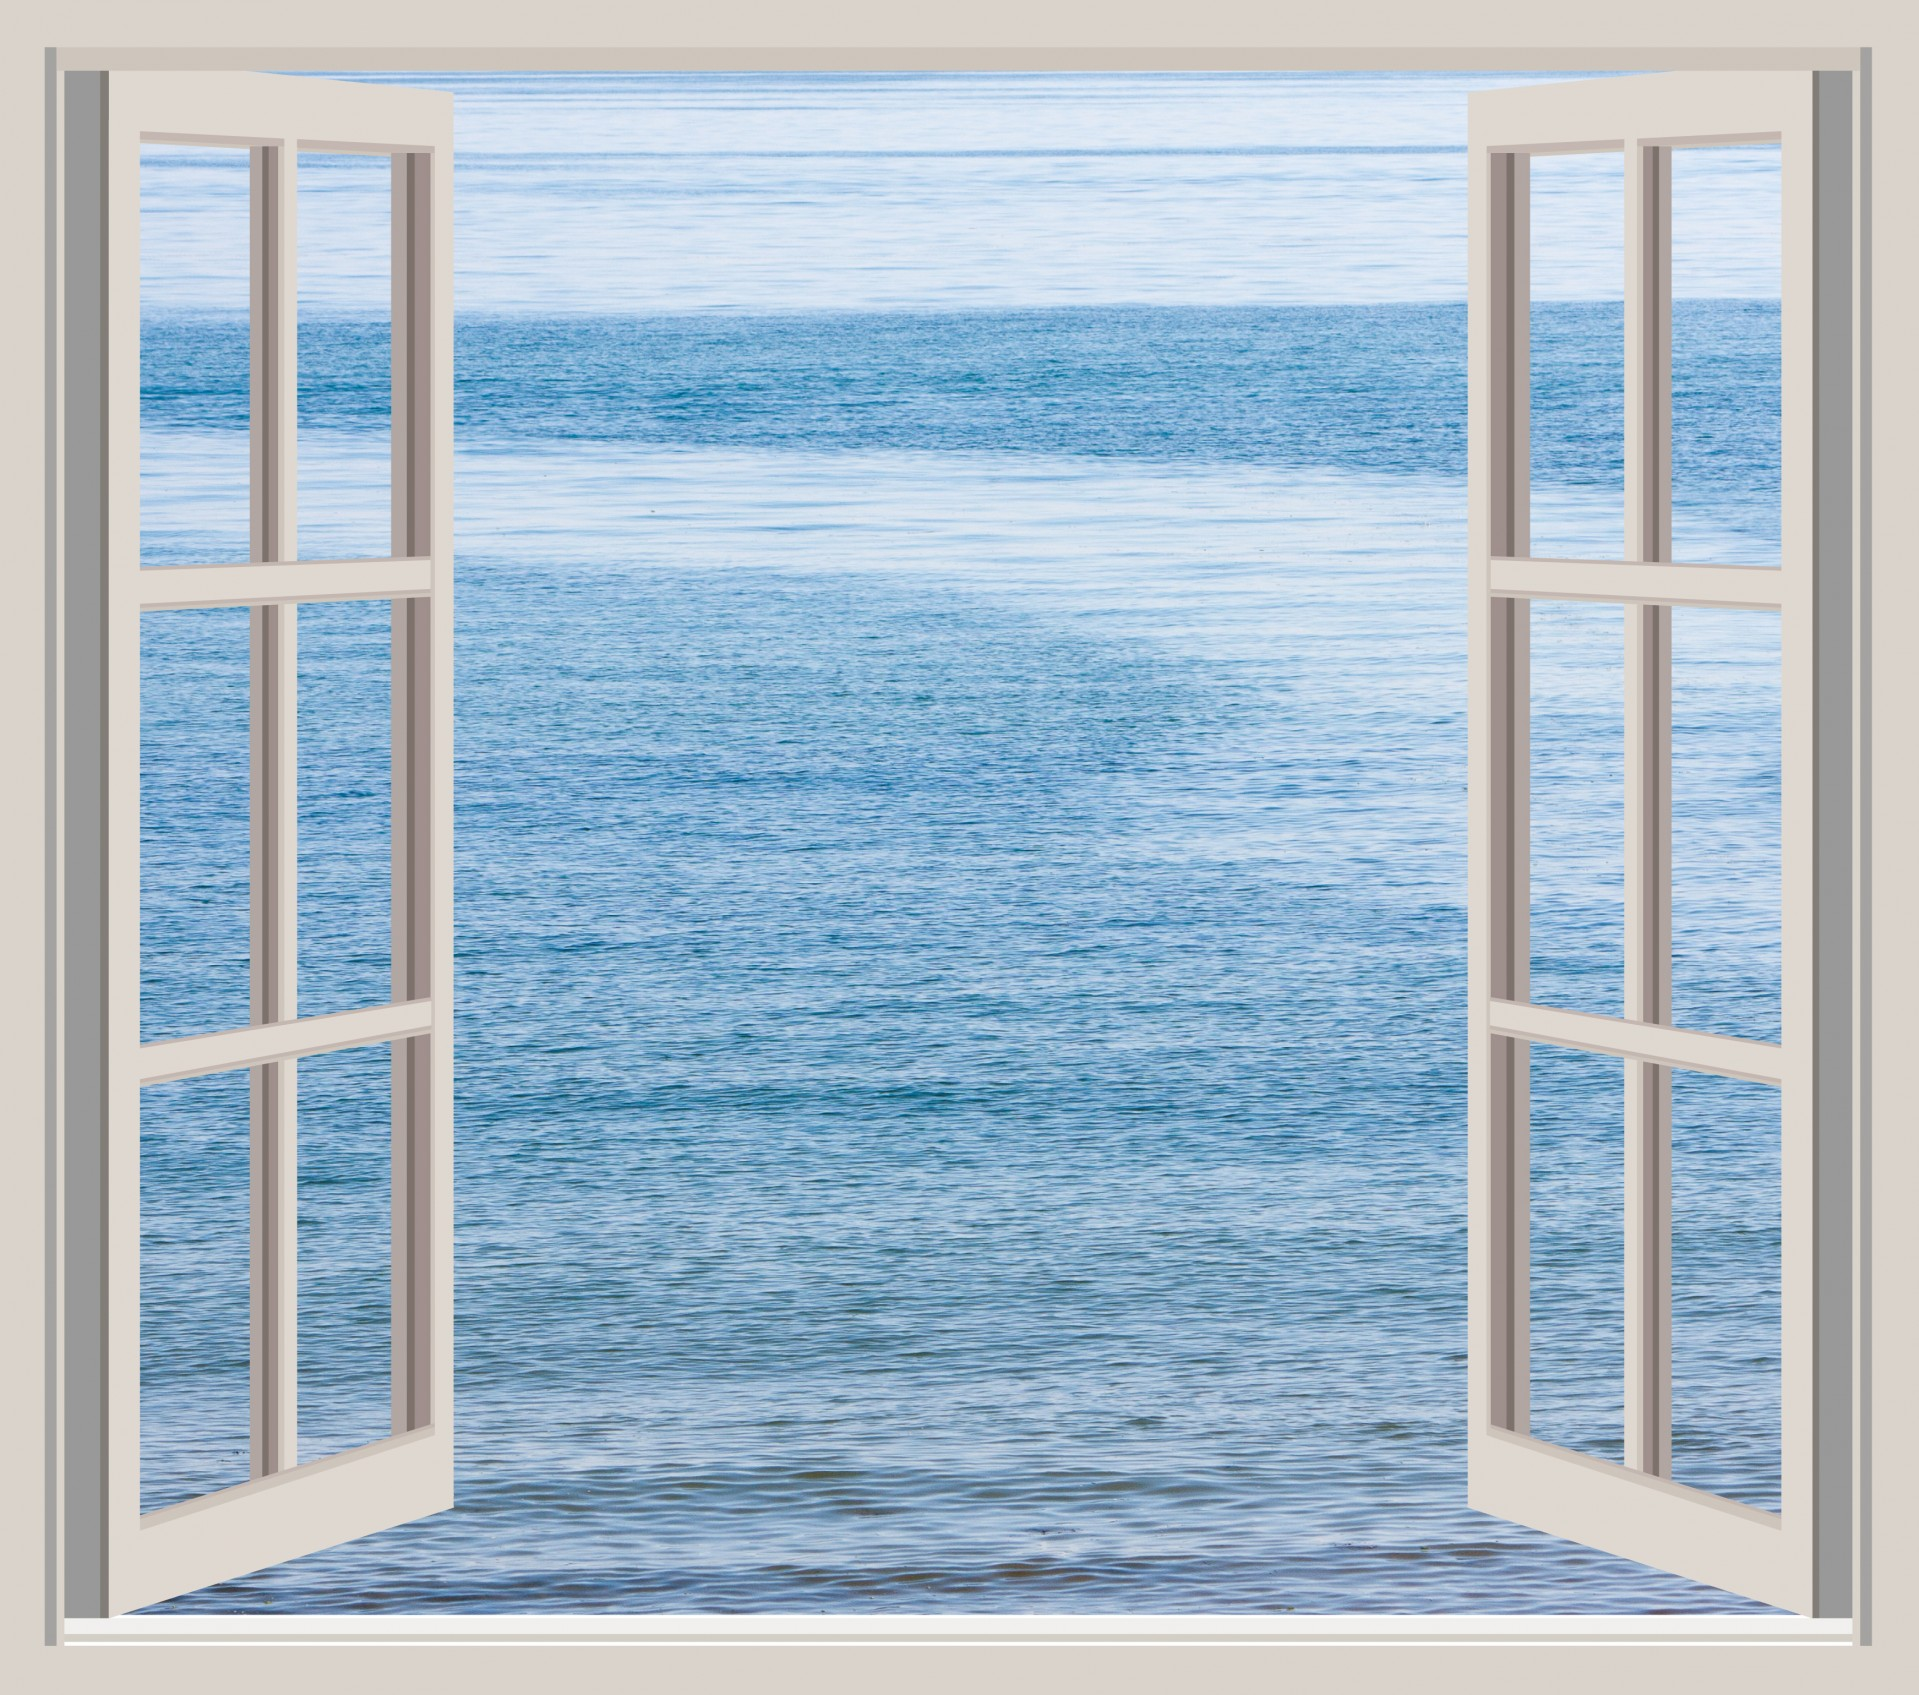 ... a window opens